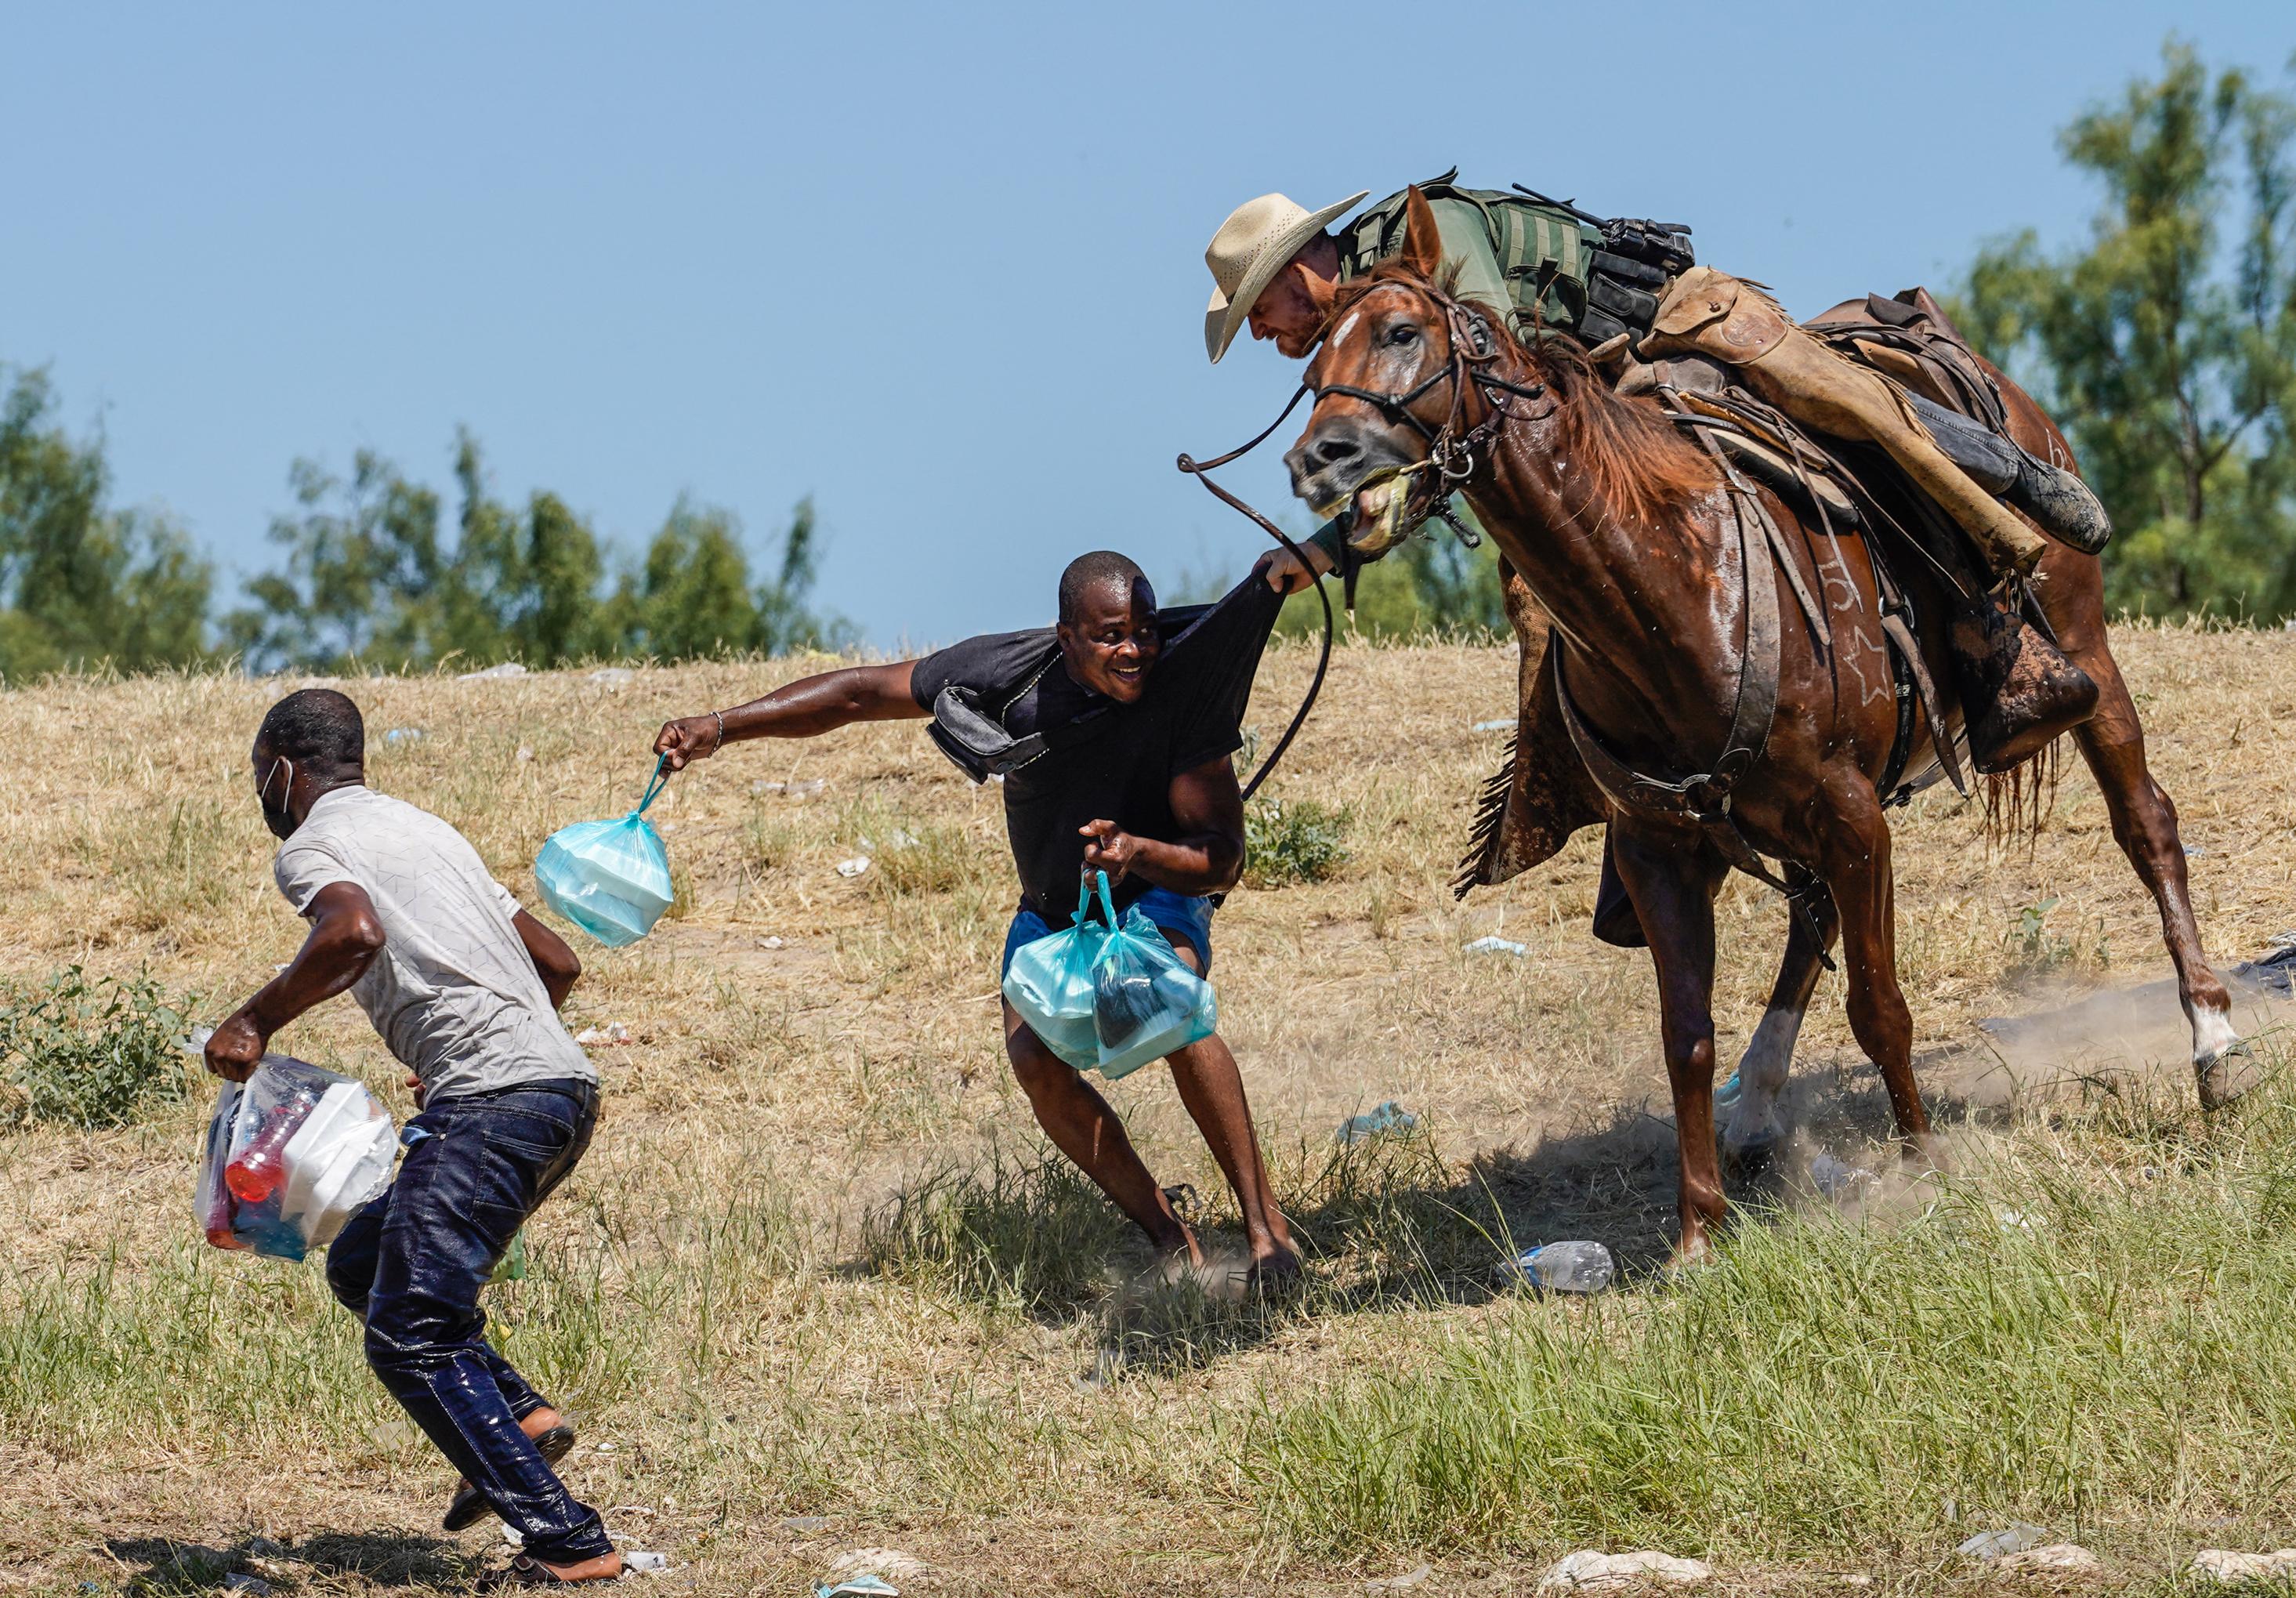 Lóhátról, ostorral terelték a haiti menekülteket Texasban a határon